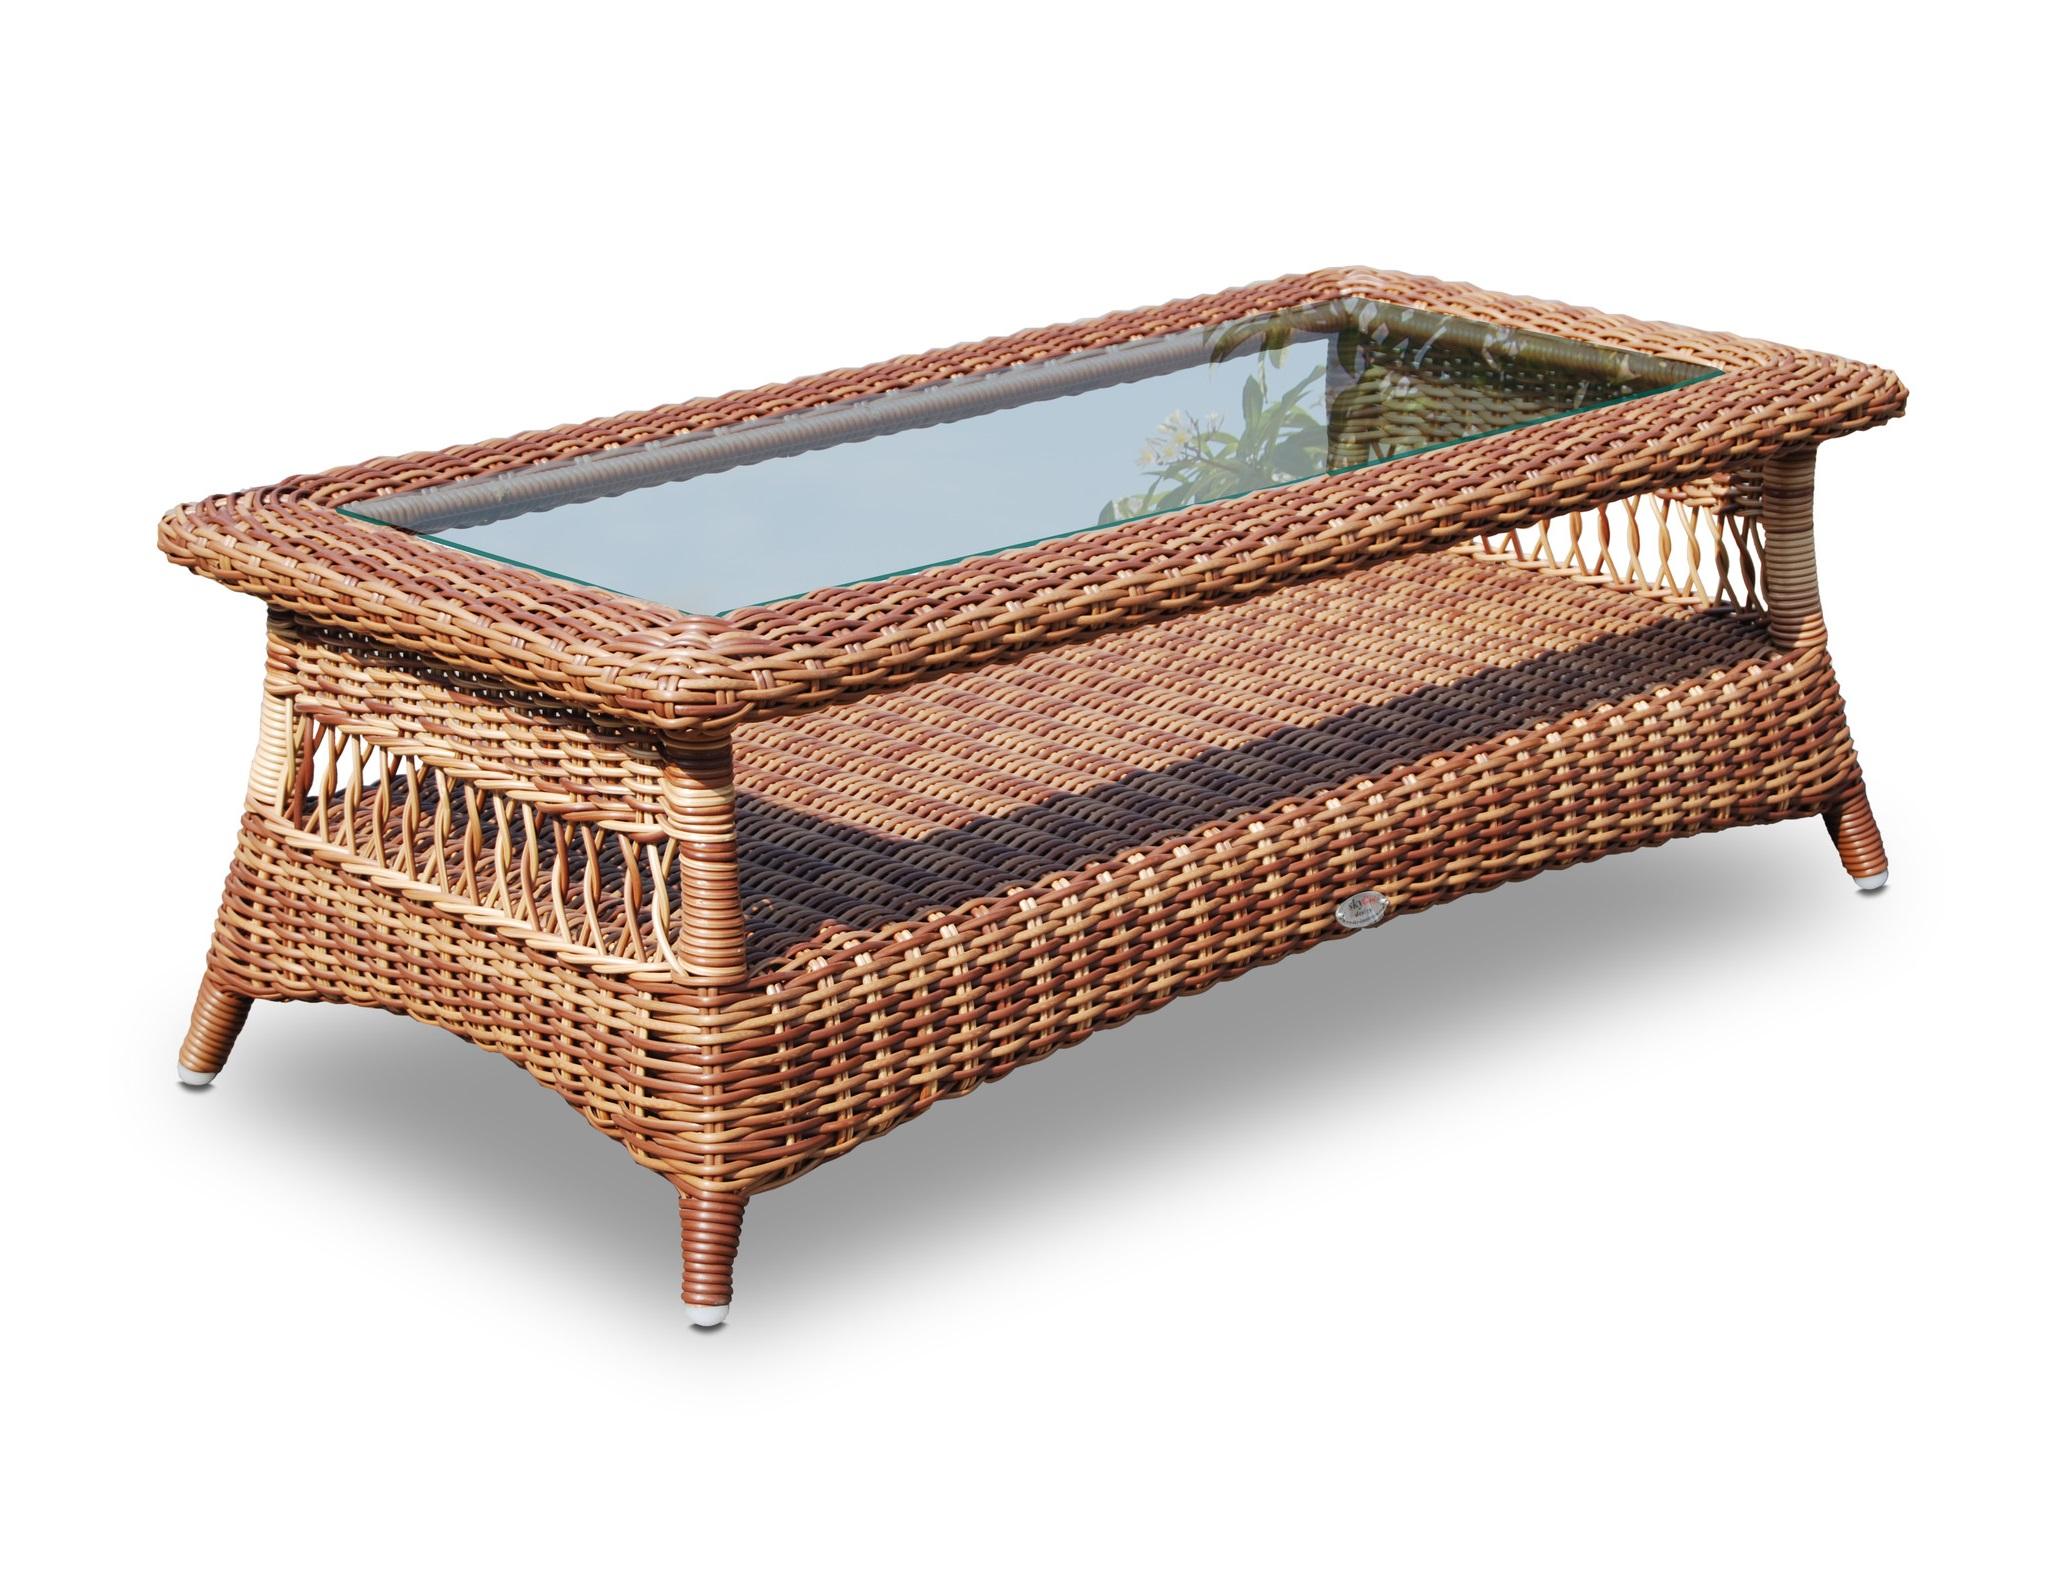 Кофейный столикСтолы и столики для сада<br><br><br>Material: Искусственный ротанг<br>Width см: 122<br>Depth см: 61,5<br>Height см: 42